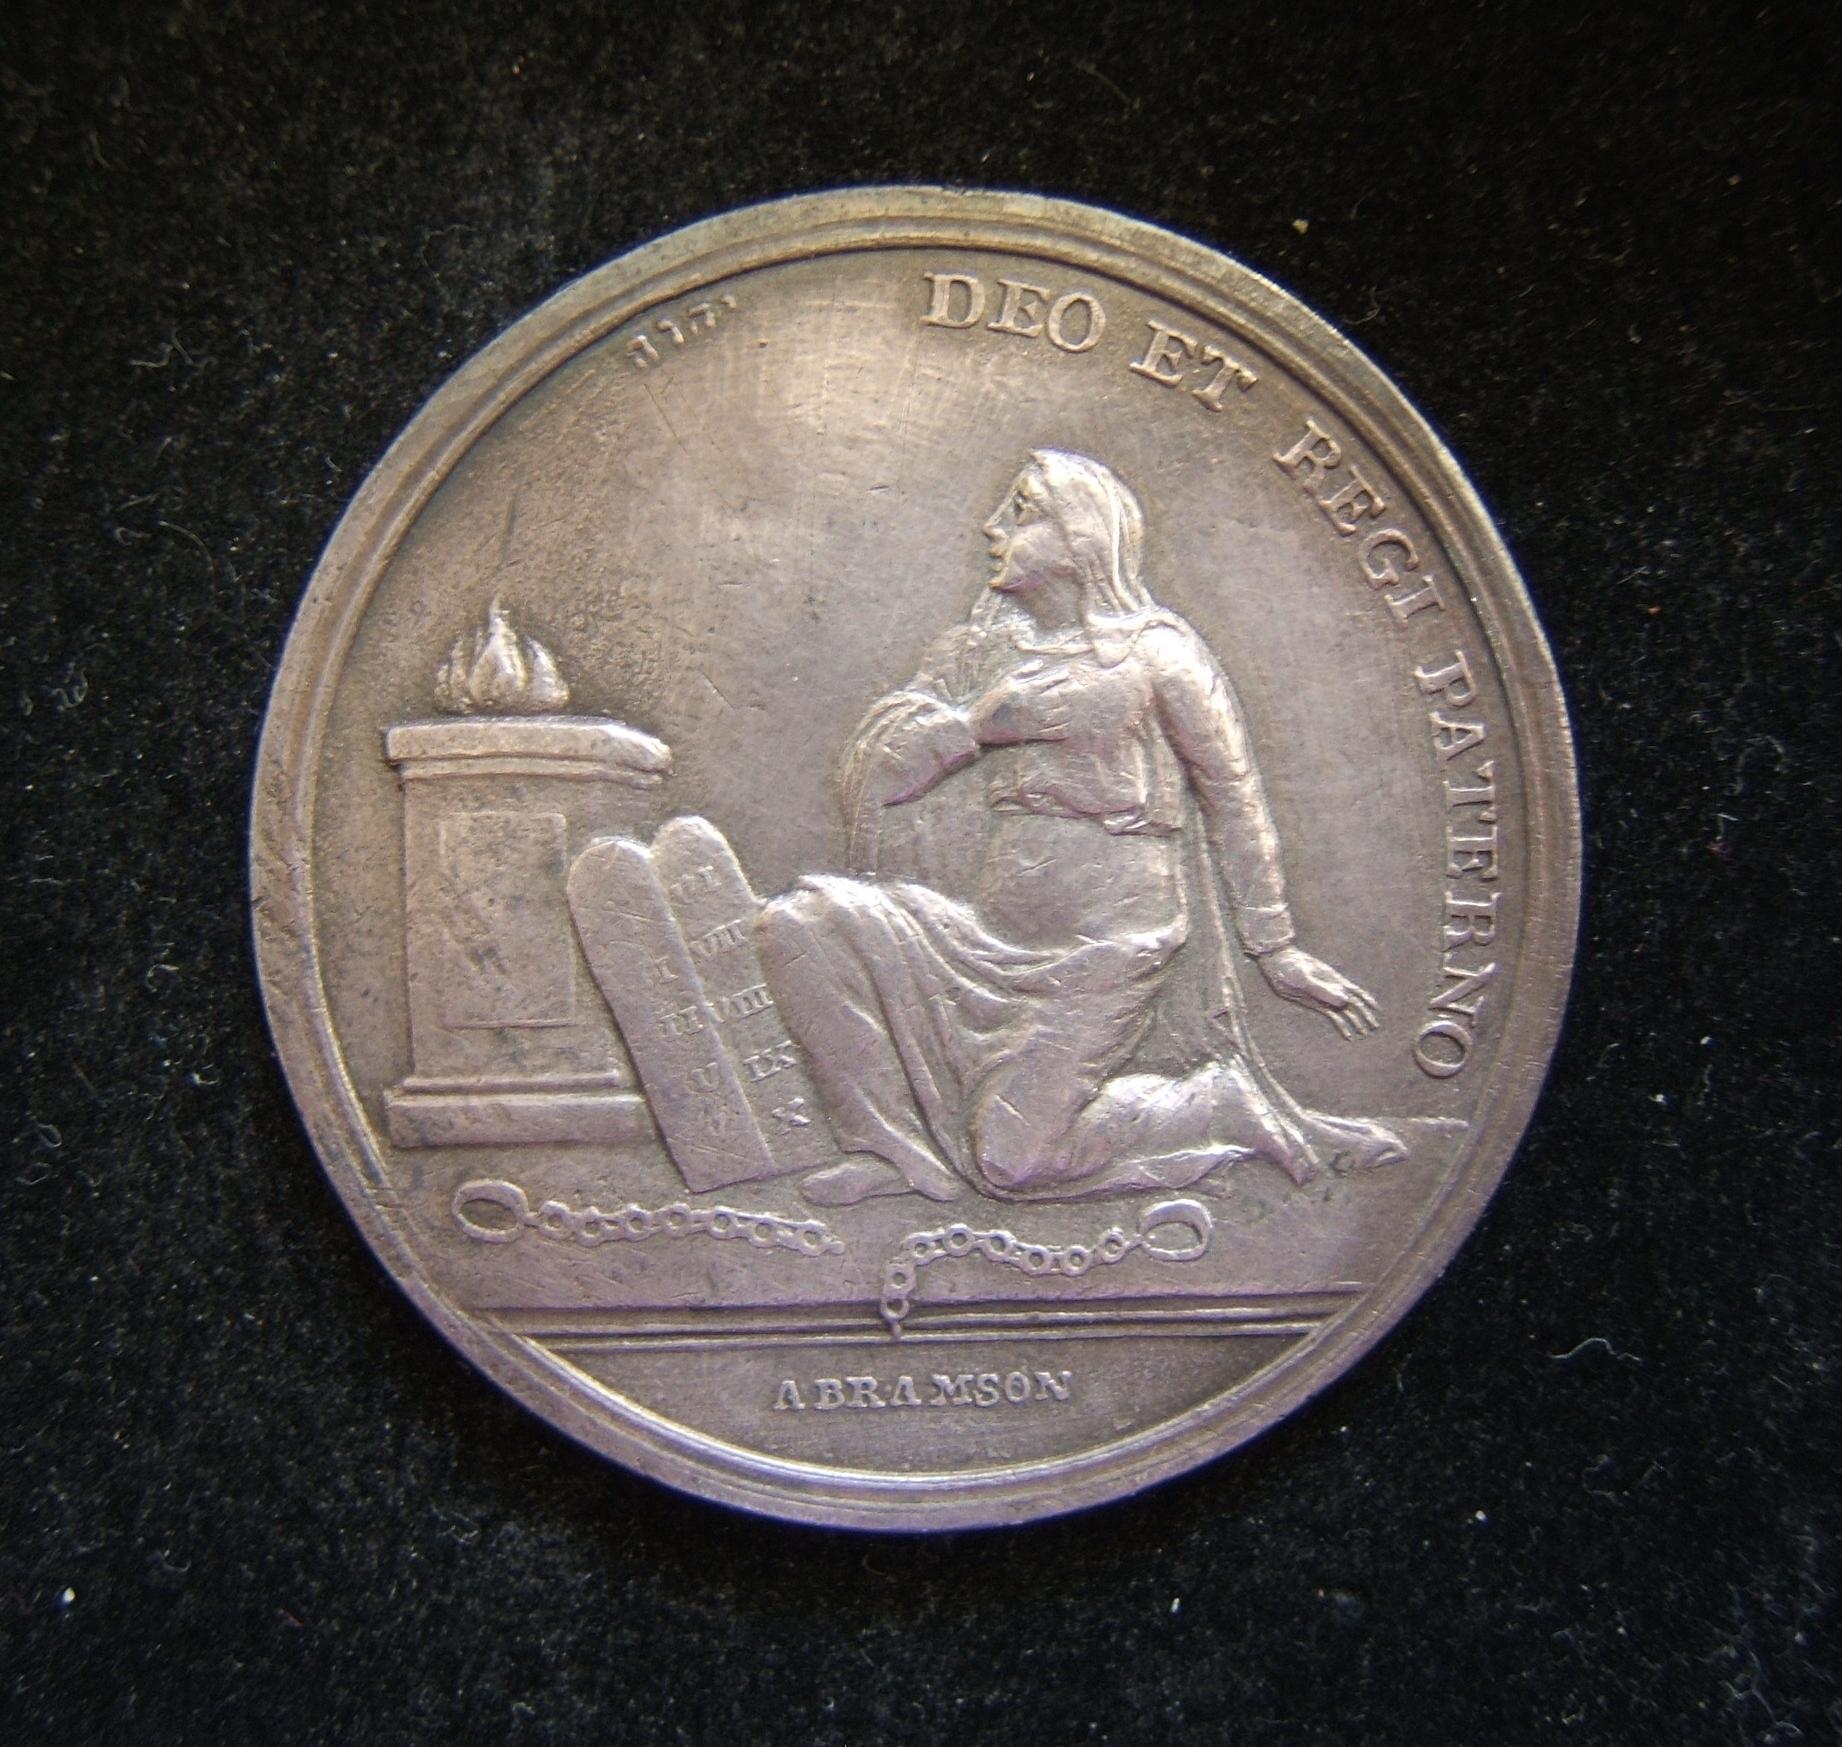 Deutschland > Westfalen: Silbermedaille zur Emanzipation der Juden von Westfalen, von Jerome Bonaparte, 1808; von Abraham Abramson; Größe: 42,5 mm; Gewicht: 25,8 g. Vorderseite: